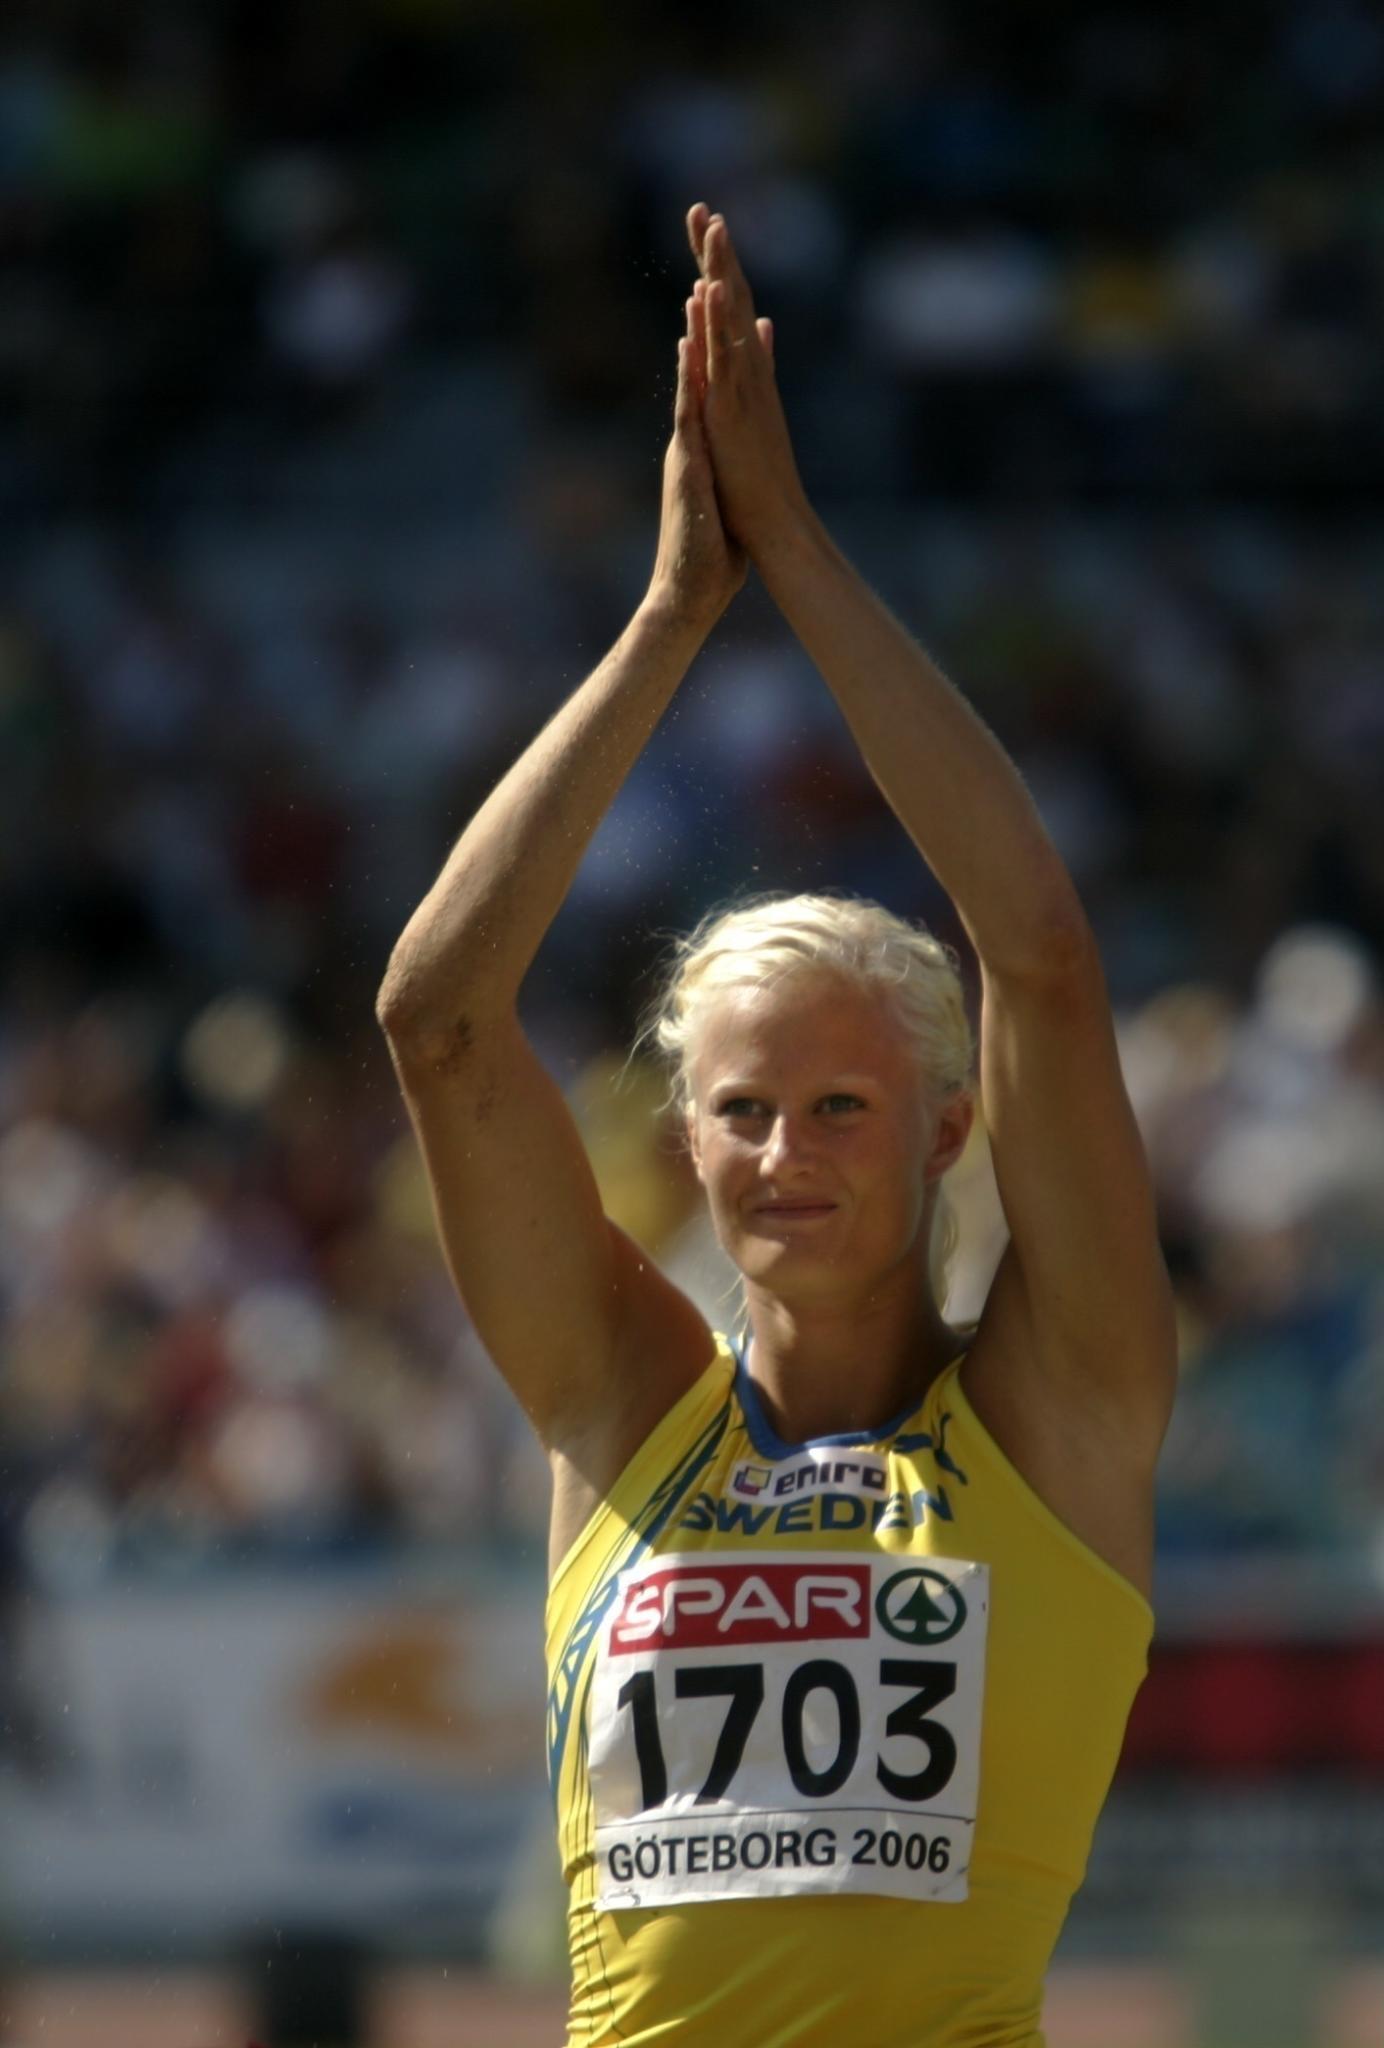 Carolina Klüft war als Leichtathletin sehr erfolgreich. Sie gewann sogar eine Goldmedaille bei den Olympischen Spielen 2004 in Athen.